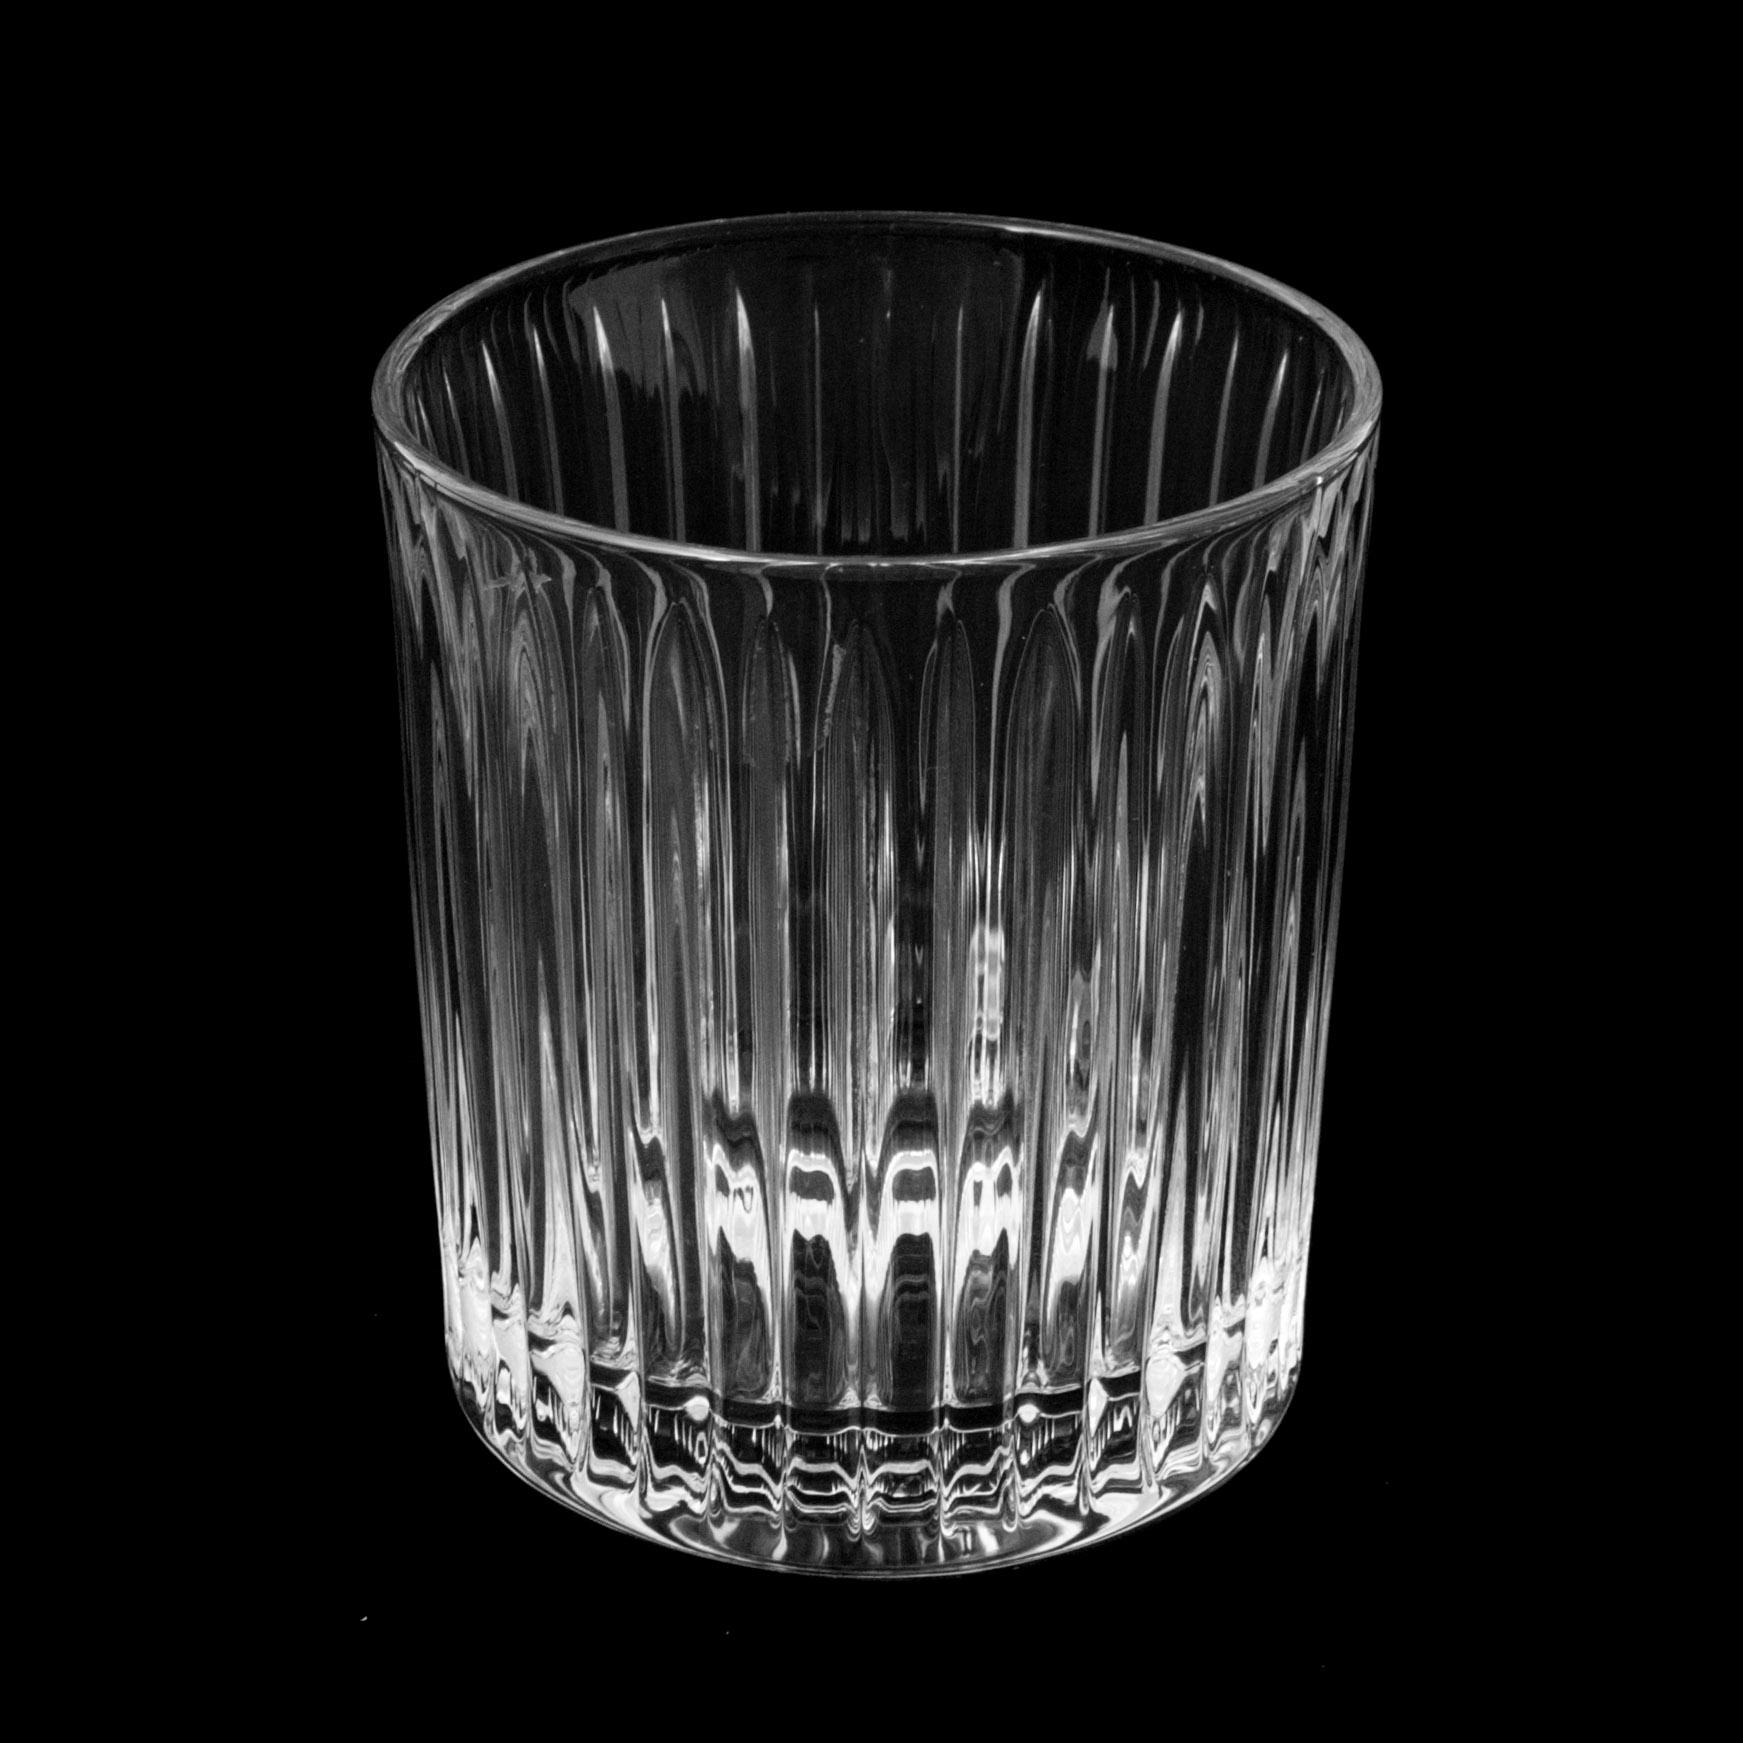 Набор стаканов для виски skyline 320мл 6шт Crystal bohemia a.s.